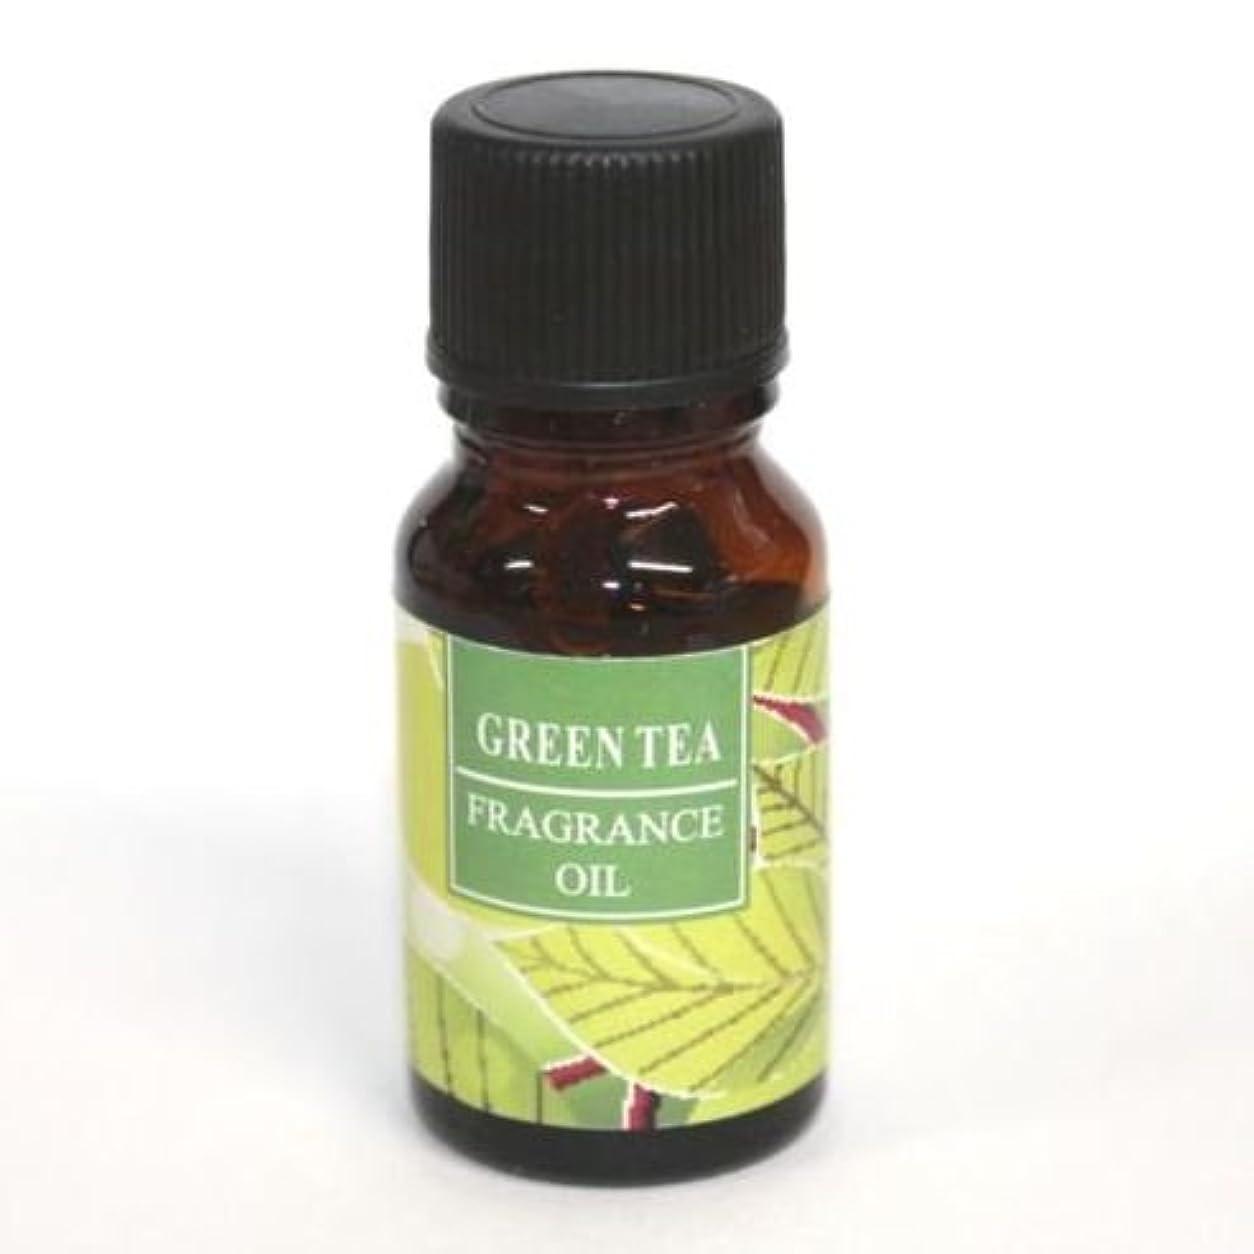 辞任敬意を表してお気に入りRELAXING アロマオイル AROMA OIL フレグランスオイル GREEN TEA 緑茶の香り RQ-09